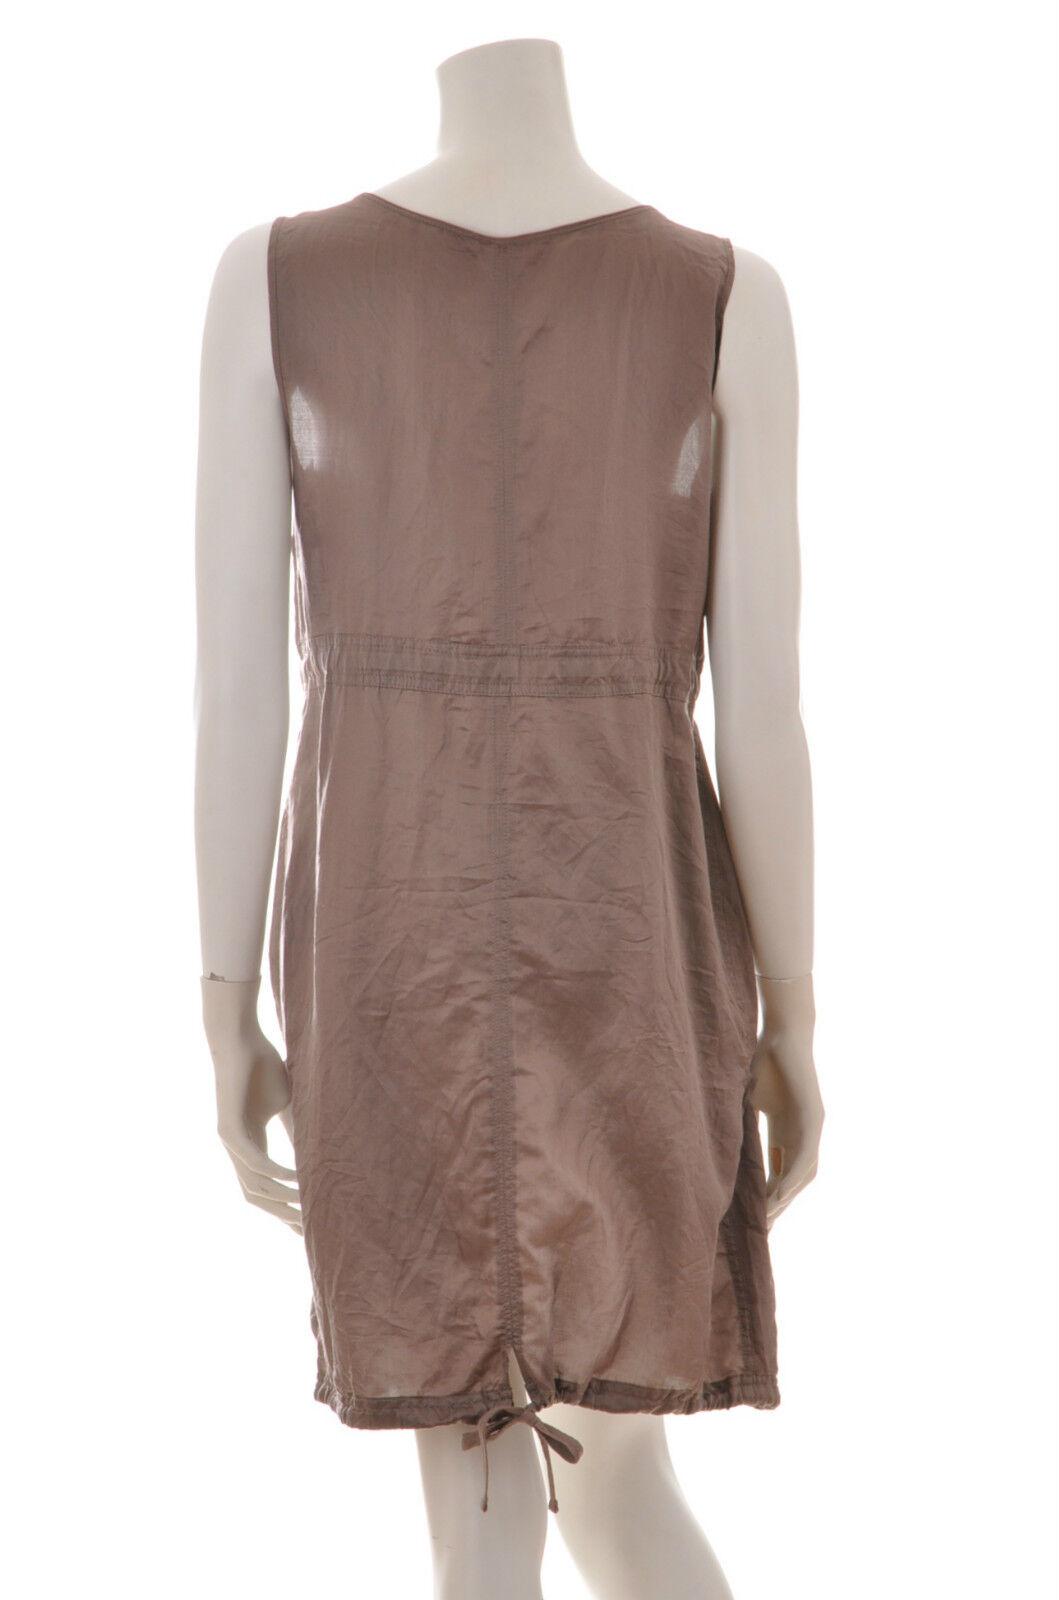 Edc by ESPRIT Kleid Kleid Kleid  Hängerchen  milky braun Baumwolle Seide Gr. 38 UNGETRAGEN dab4a6